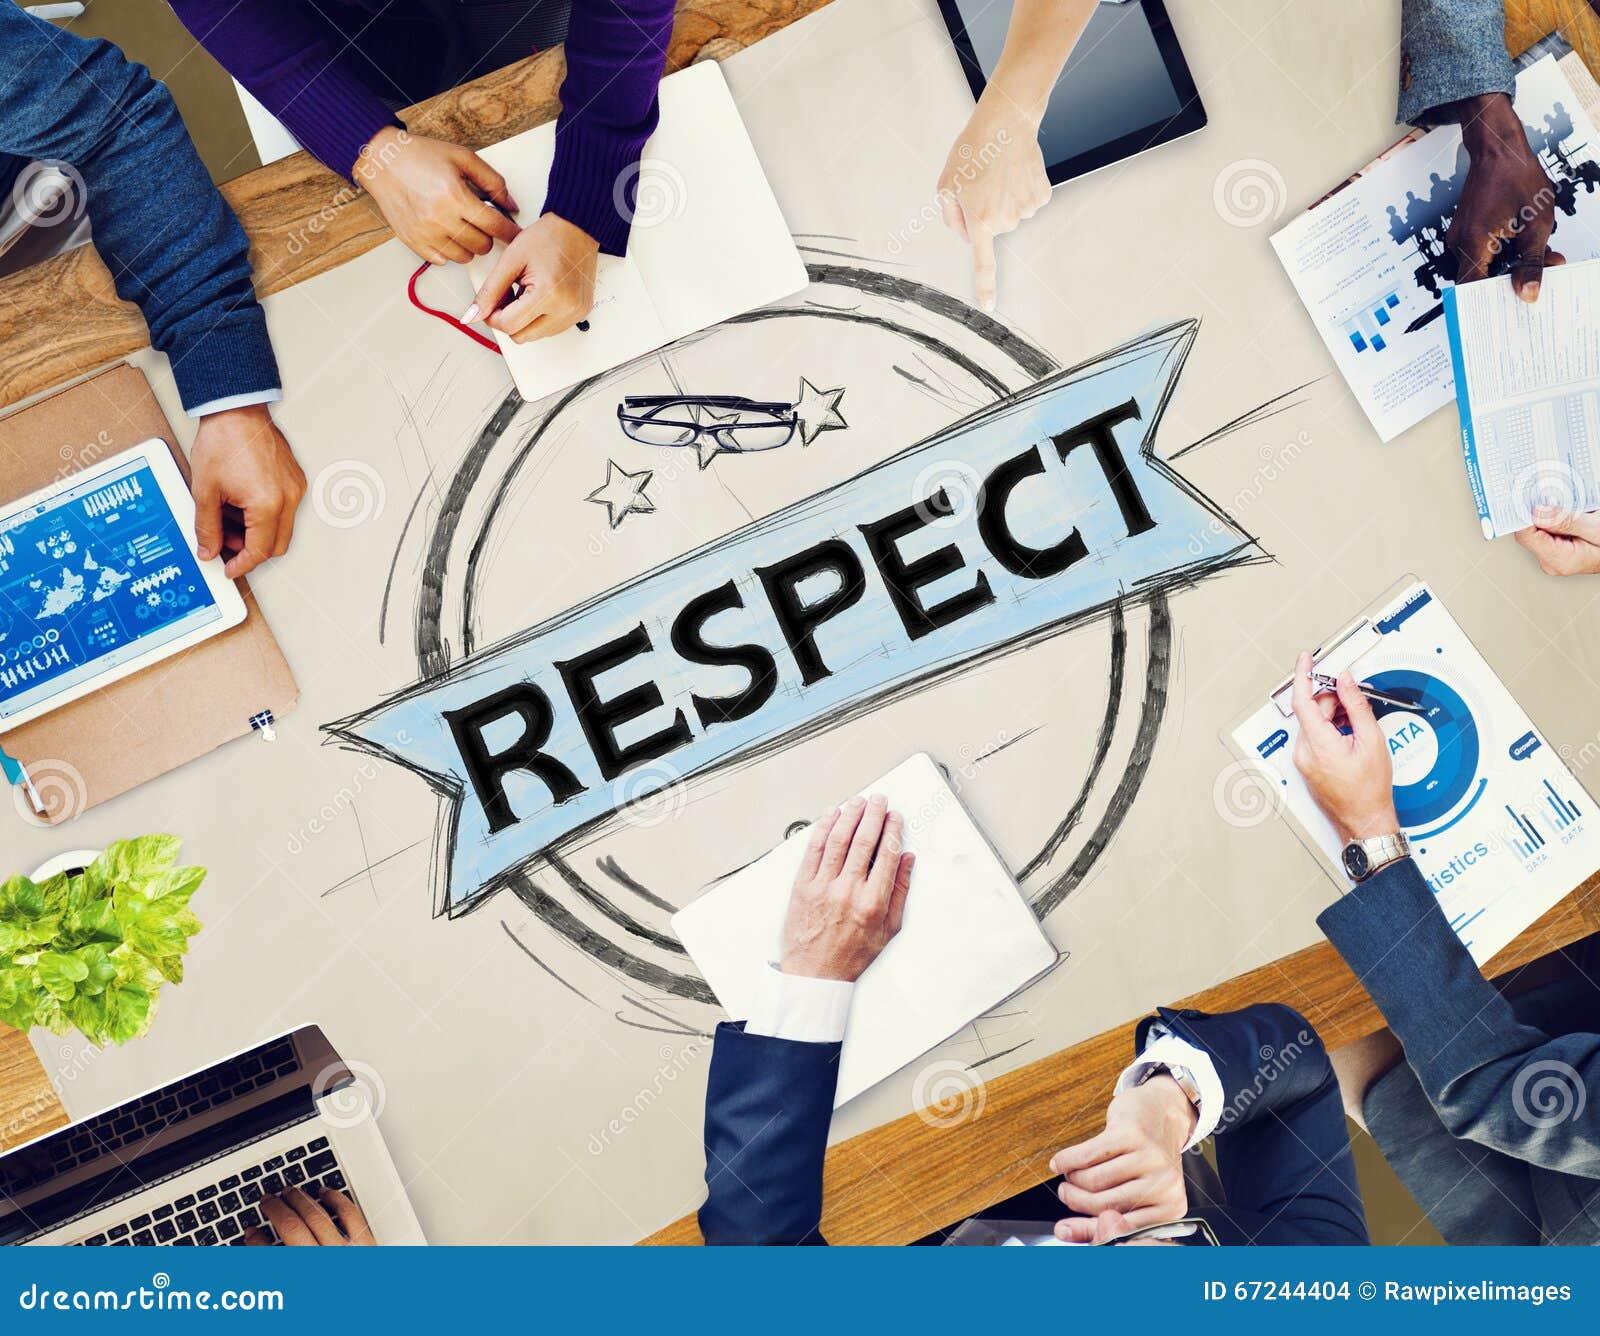 Onestà Regard Integrity Concept onorato di rispetto